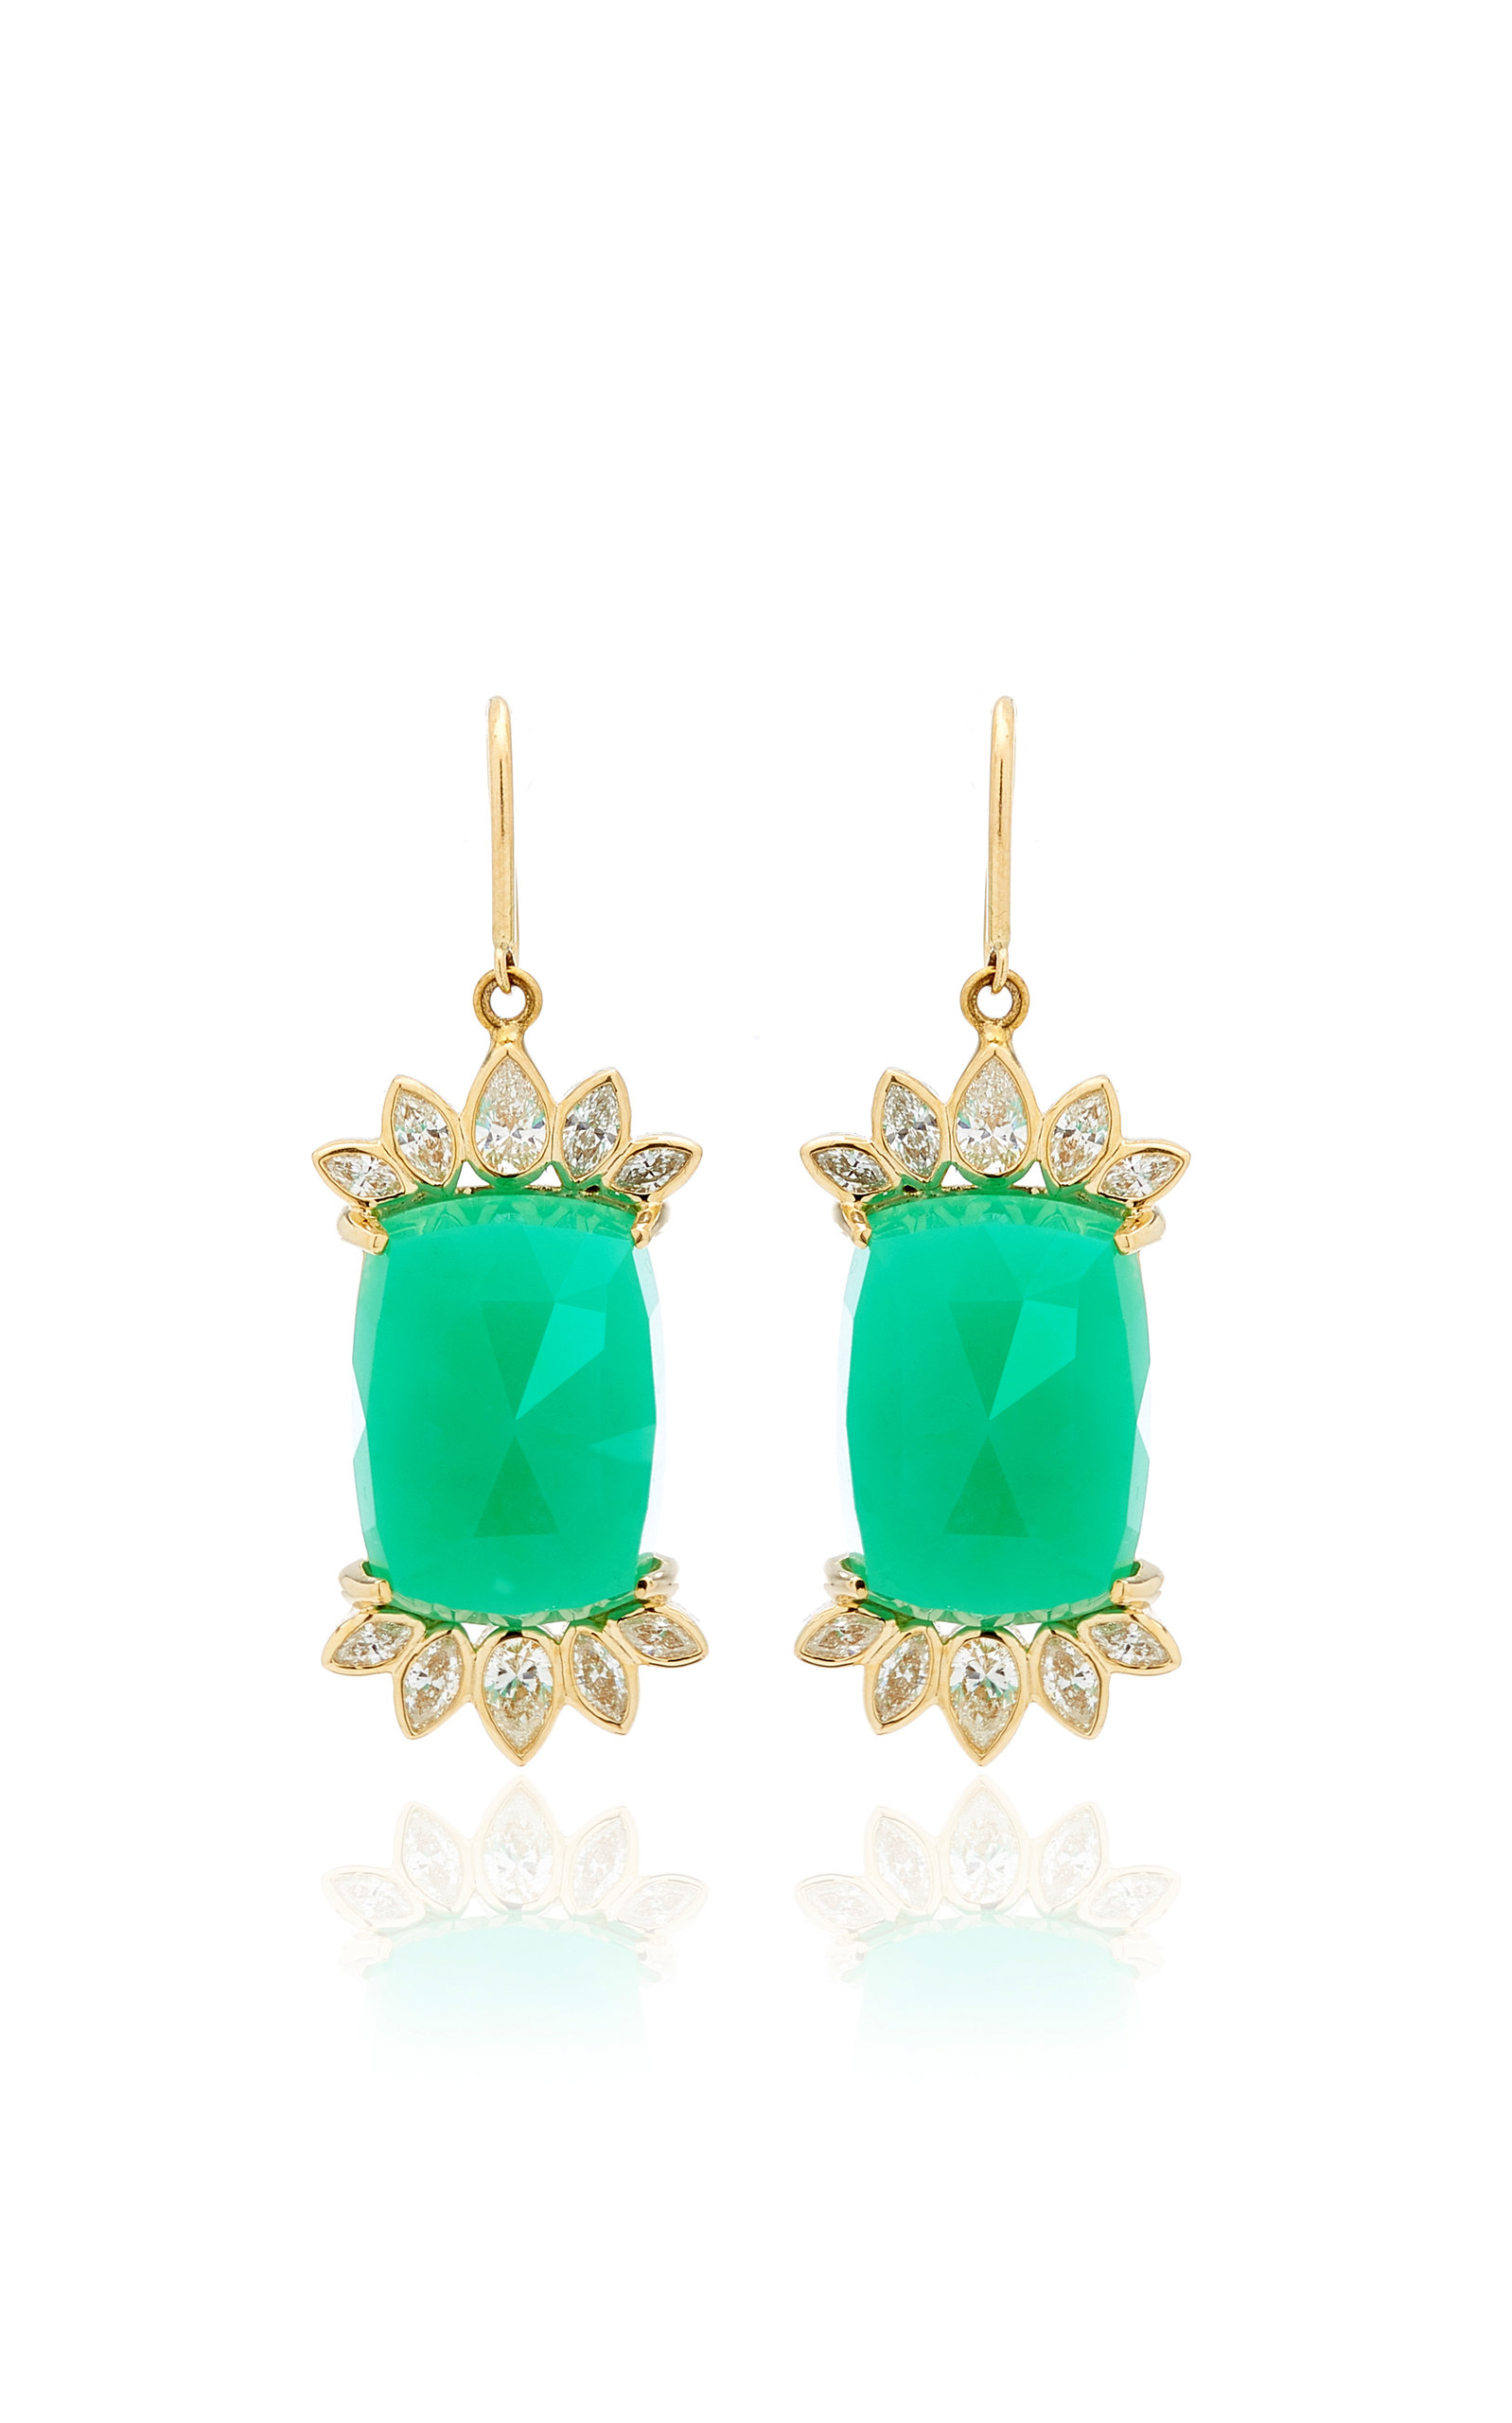 Women's Fringe 14K Yellow Gold Chrysoprase and Diamond Earrings